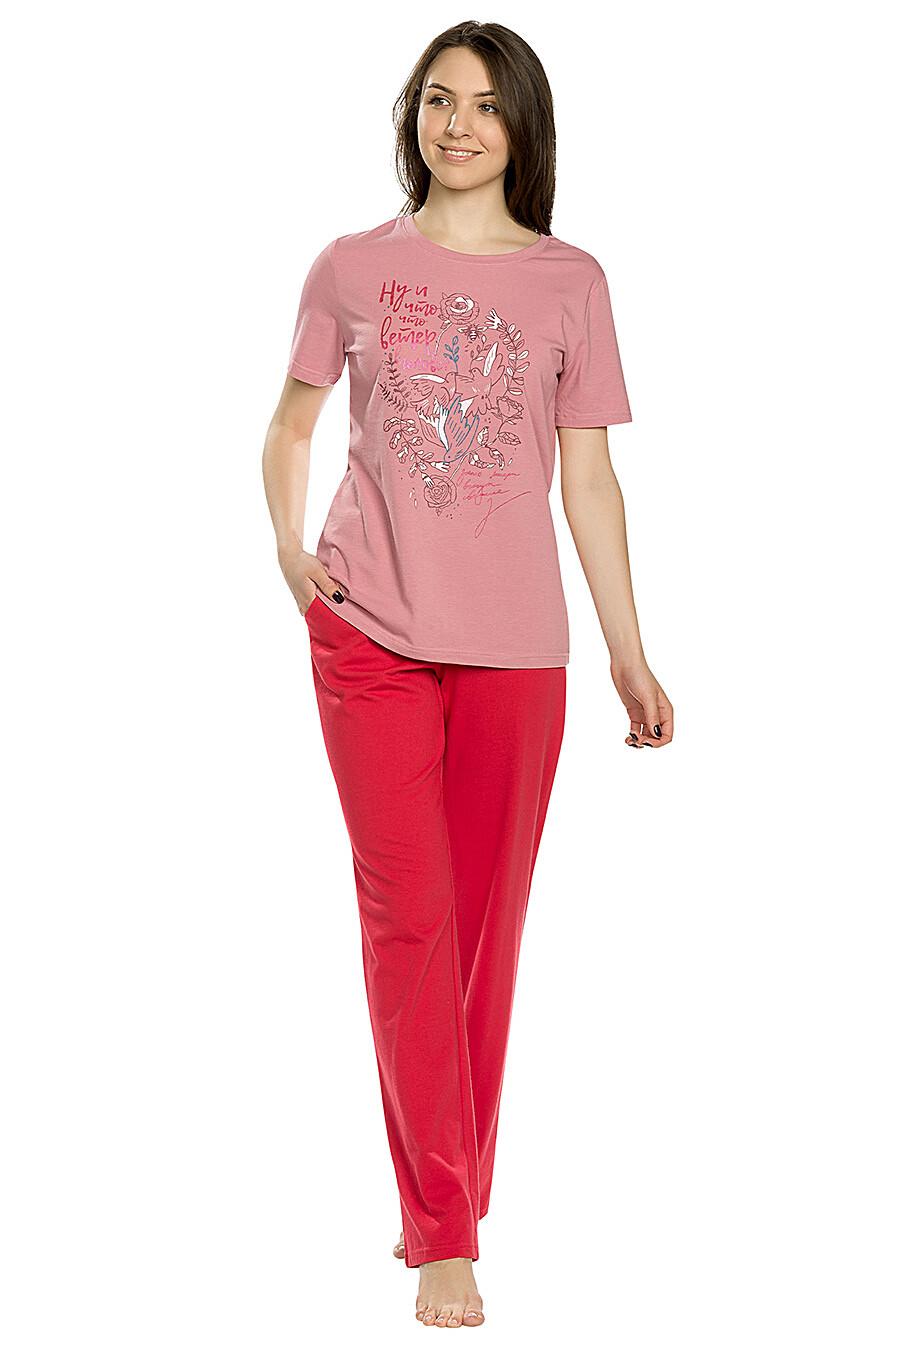 Копмлект (Брюки+Футболка) для женщин PELICAN 146640 купить оптом от производителя. Совместная покупка женской одежды в OptMoyo